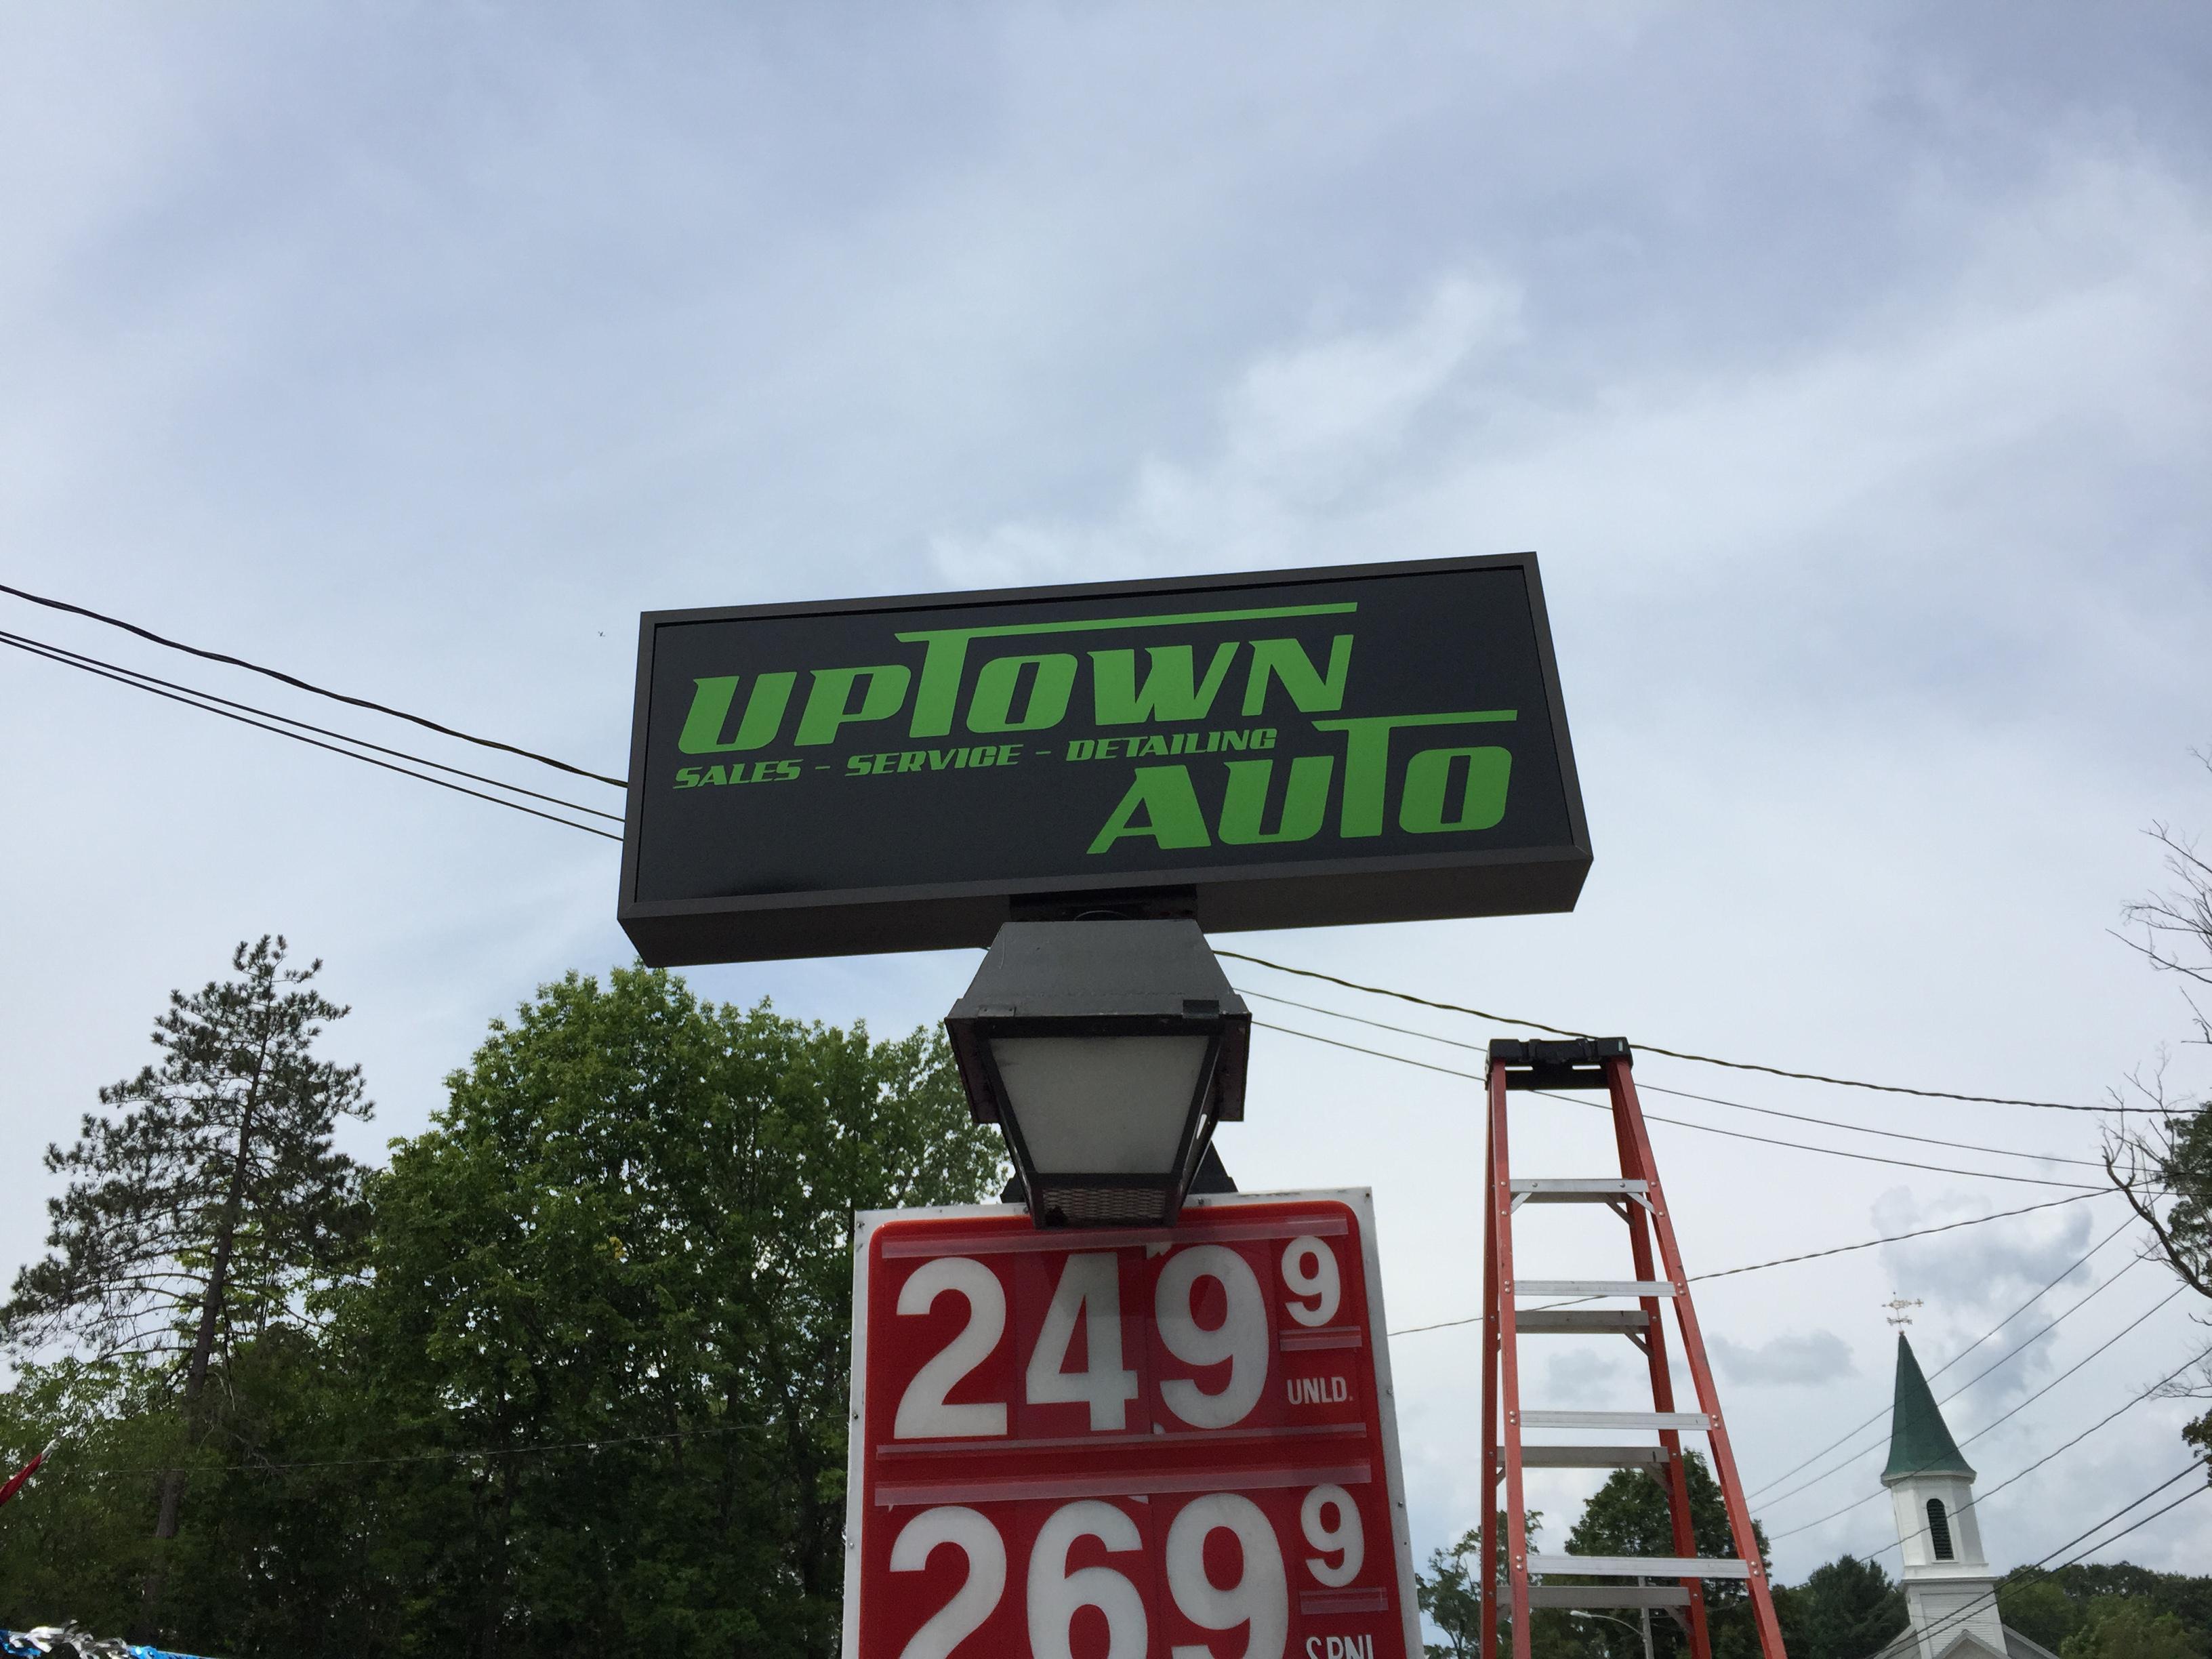 Uptown Auto